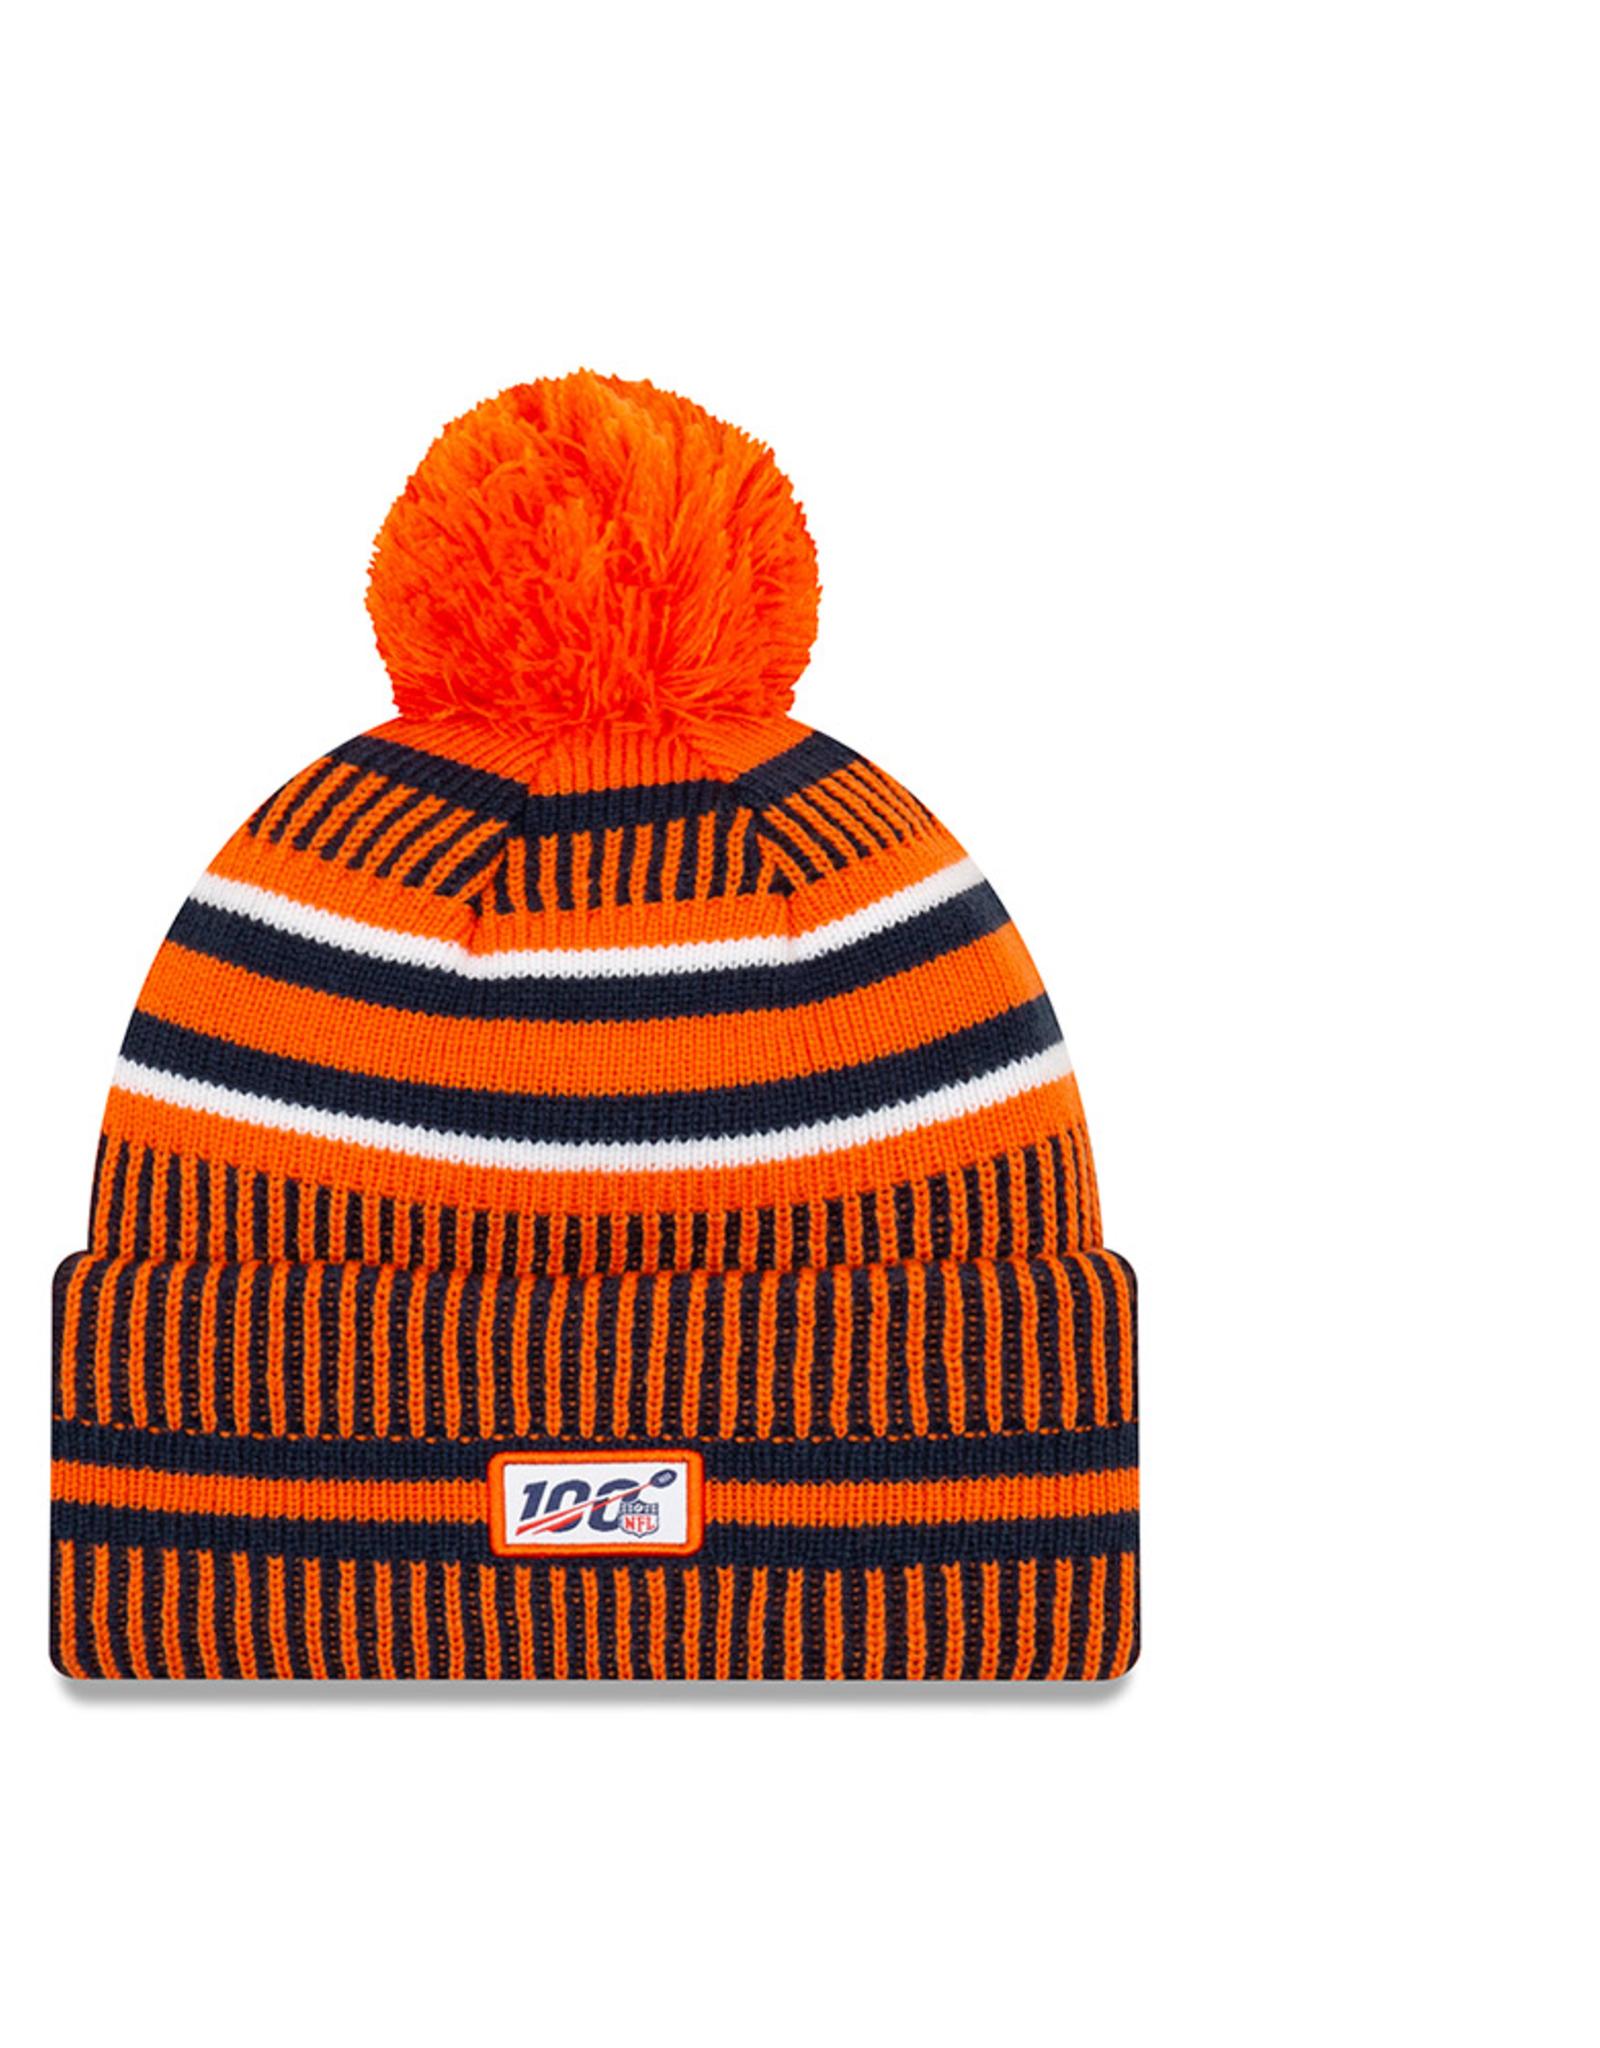 NEW ERA Denver Broncos New Era NFL 2019 Official Sideline Sport Knit Hat